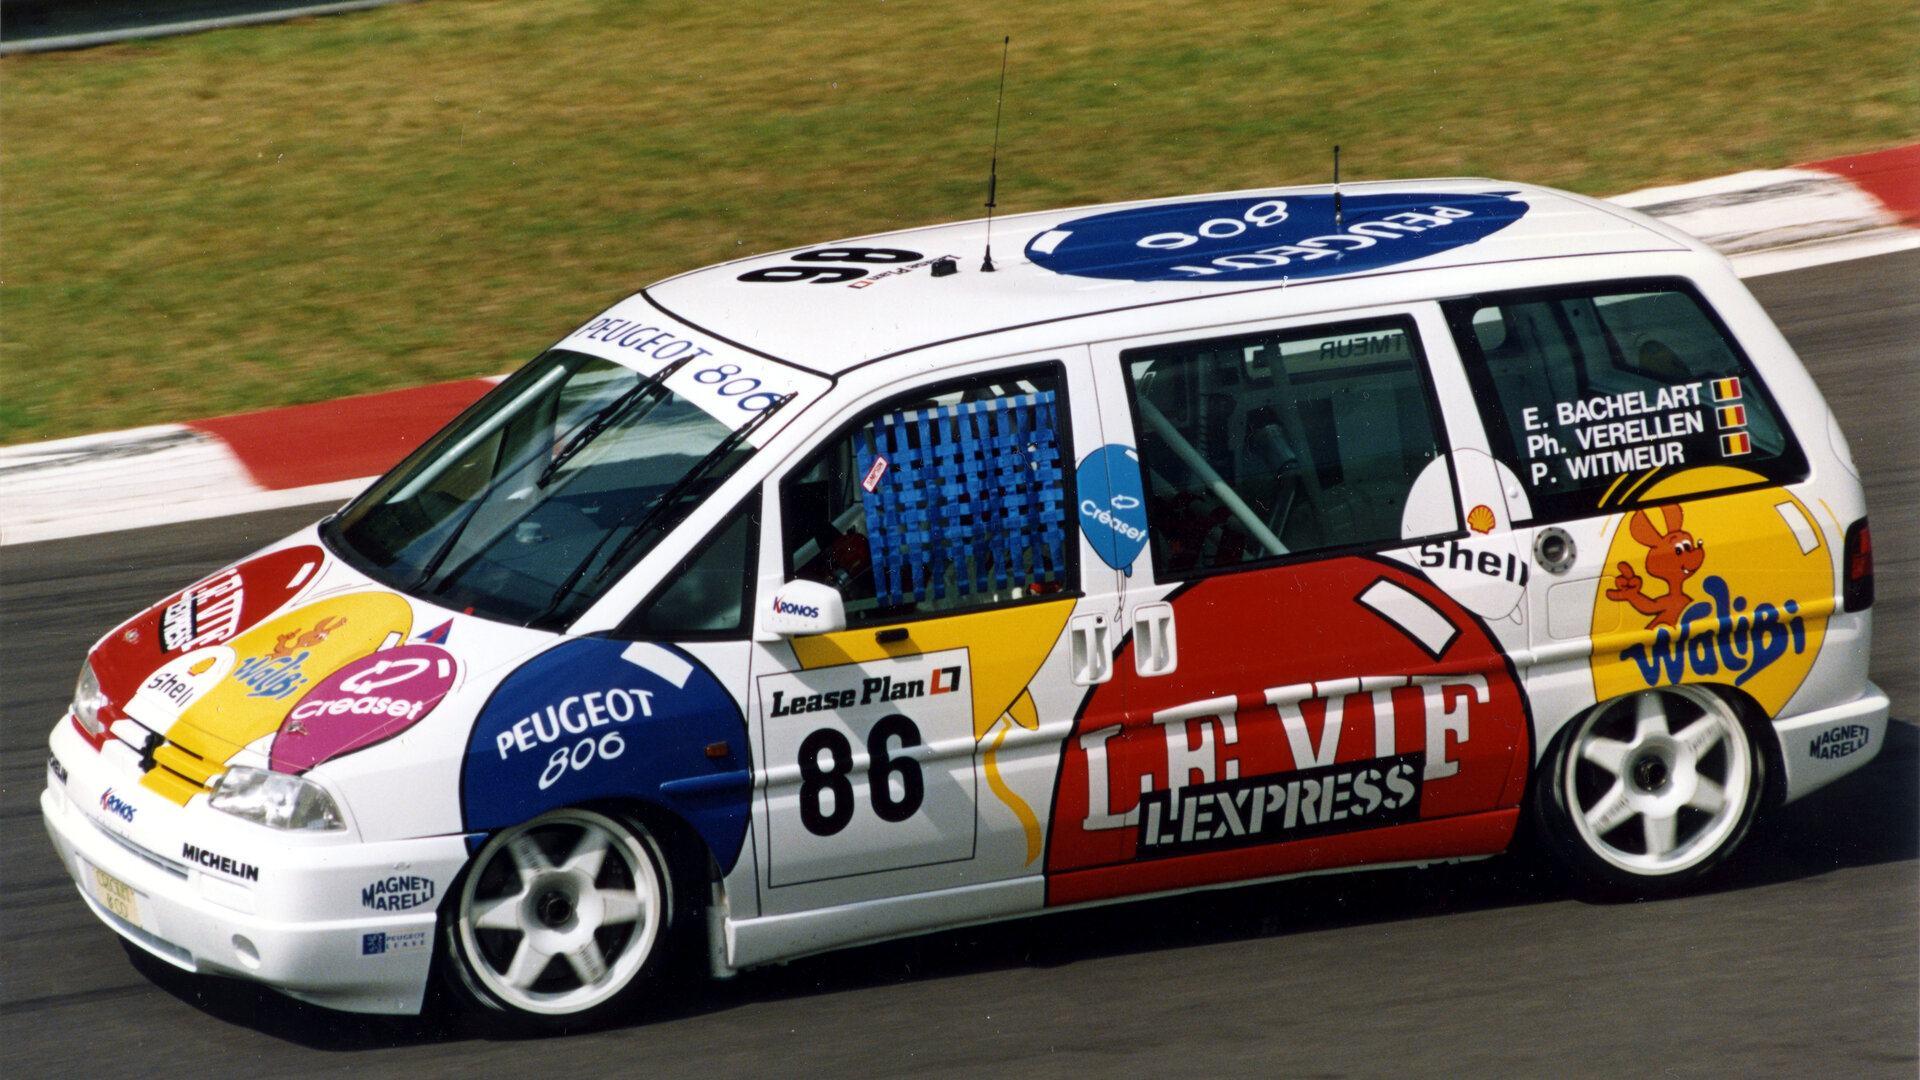 El Peugeot 806, un buen día como hoy, compitió en SPA-Francorchamps